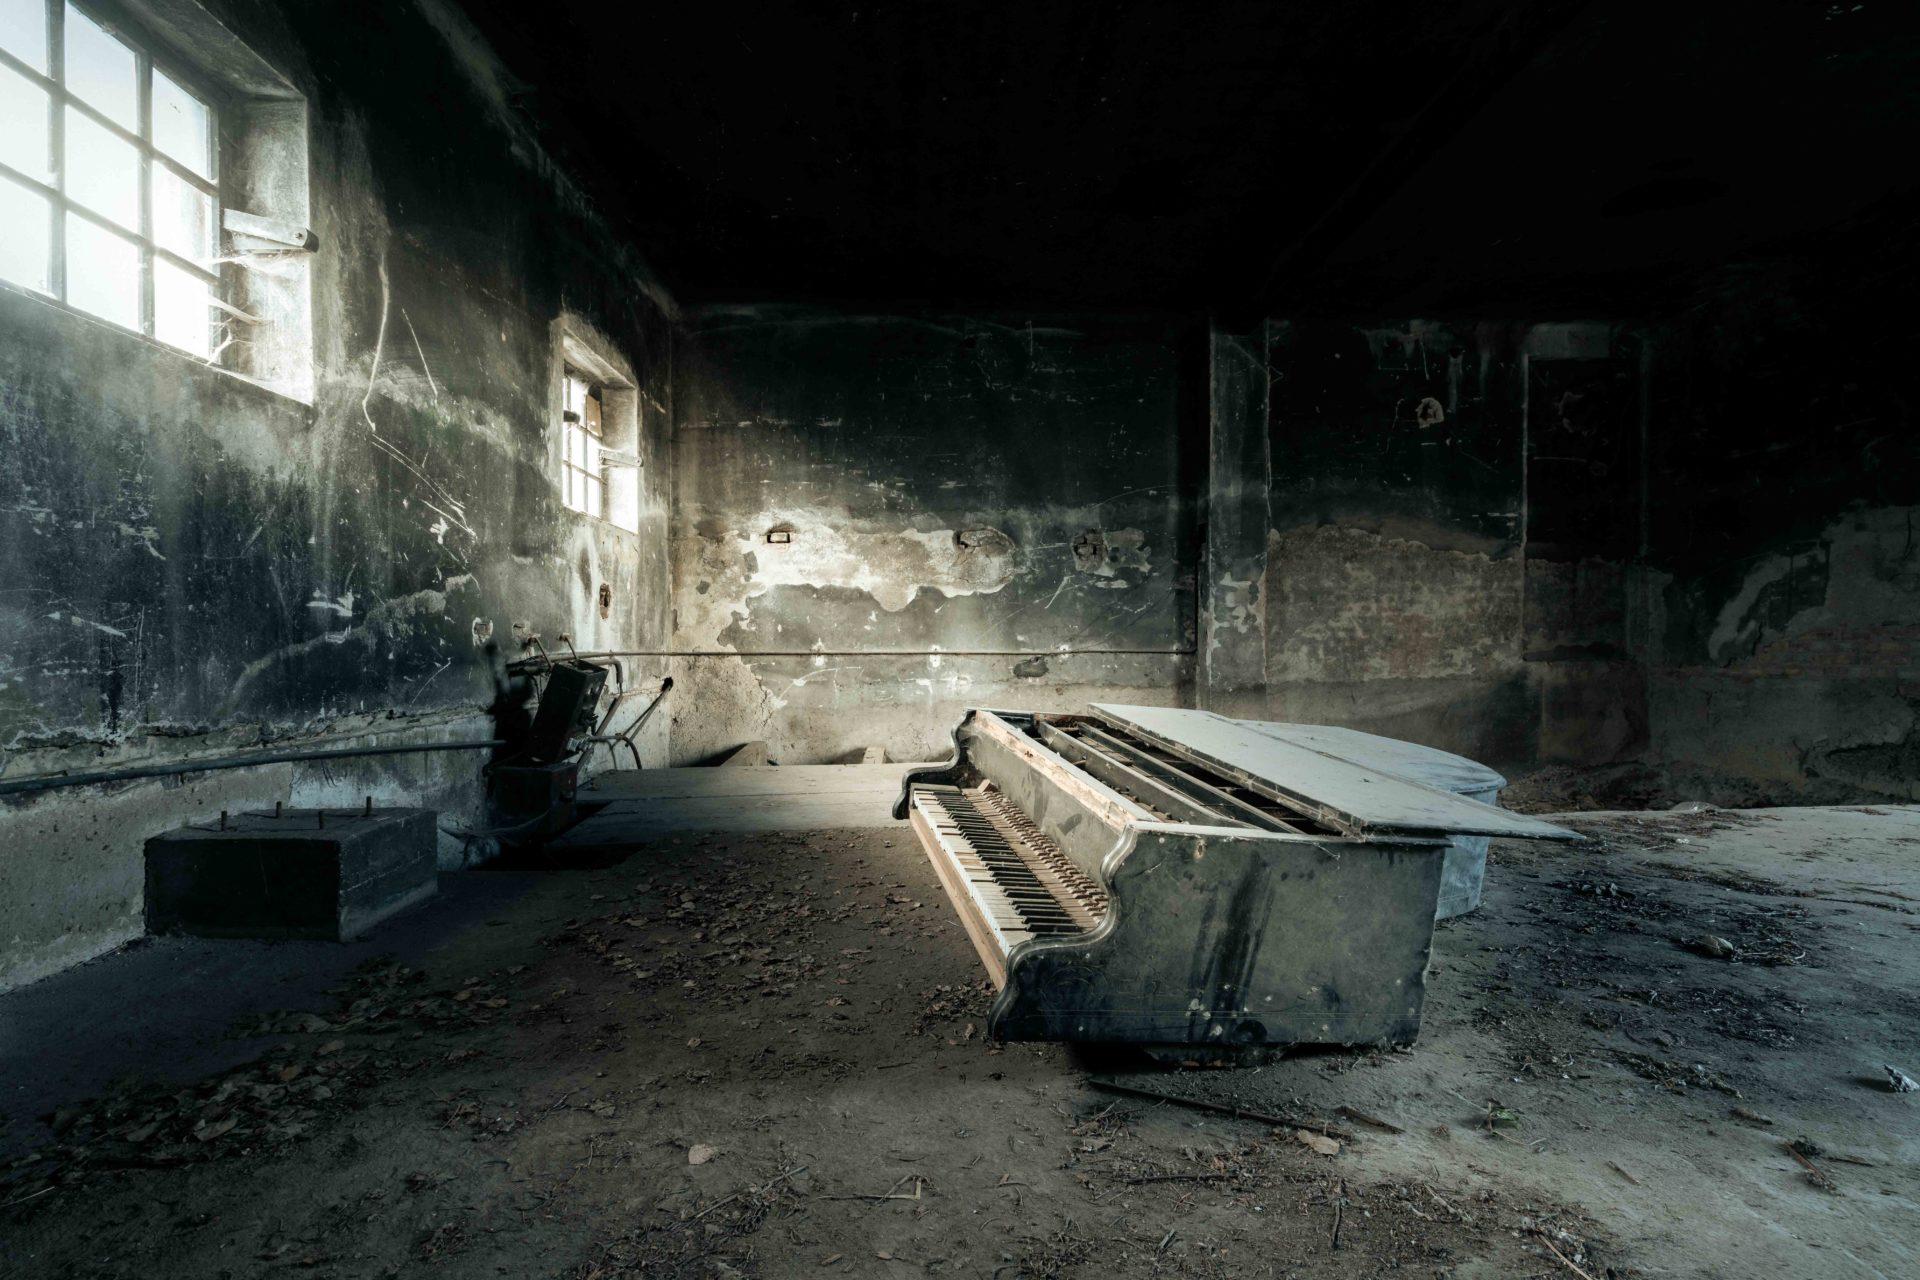 requiem pour pianos 93 | Serie Requiem pour pianos | Romain Thiery | Austria